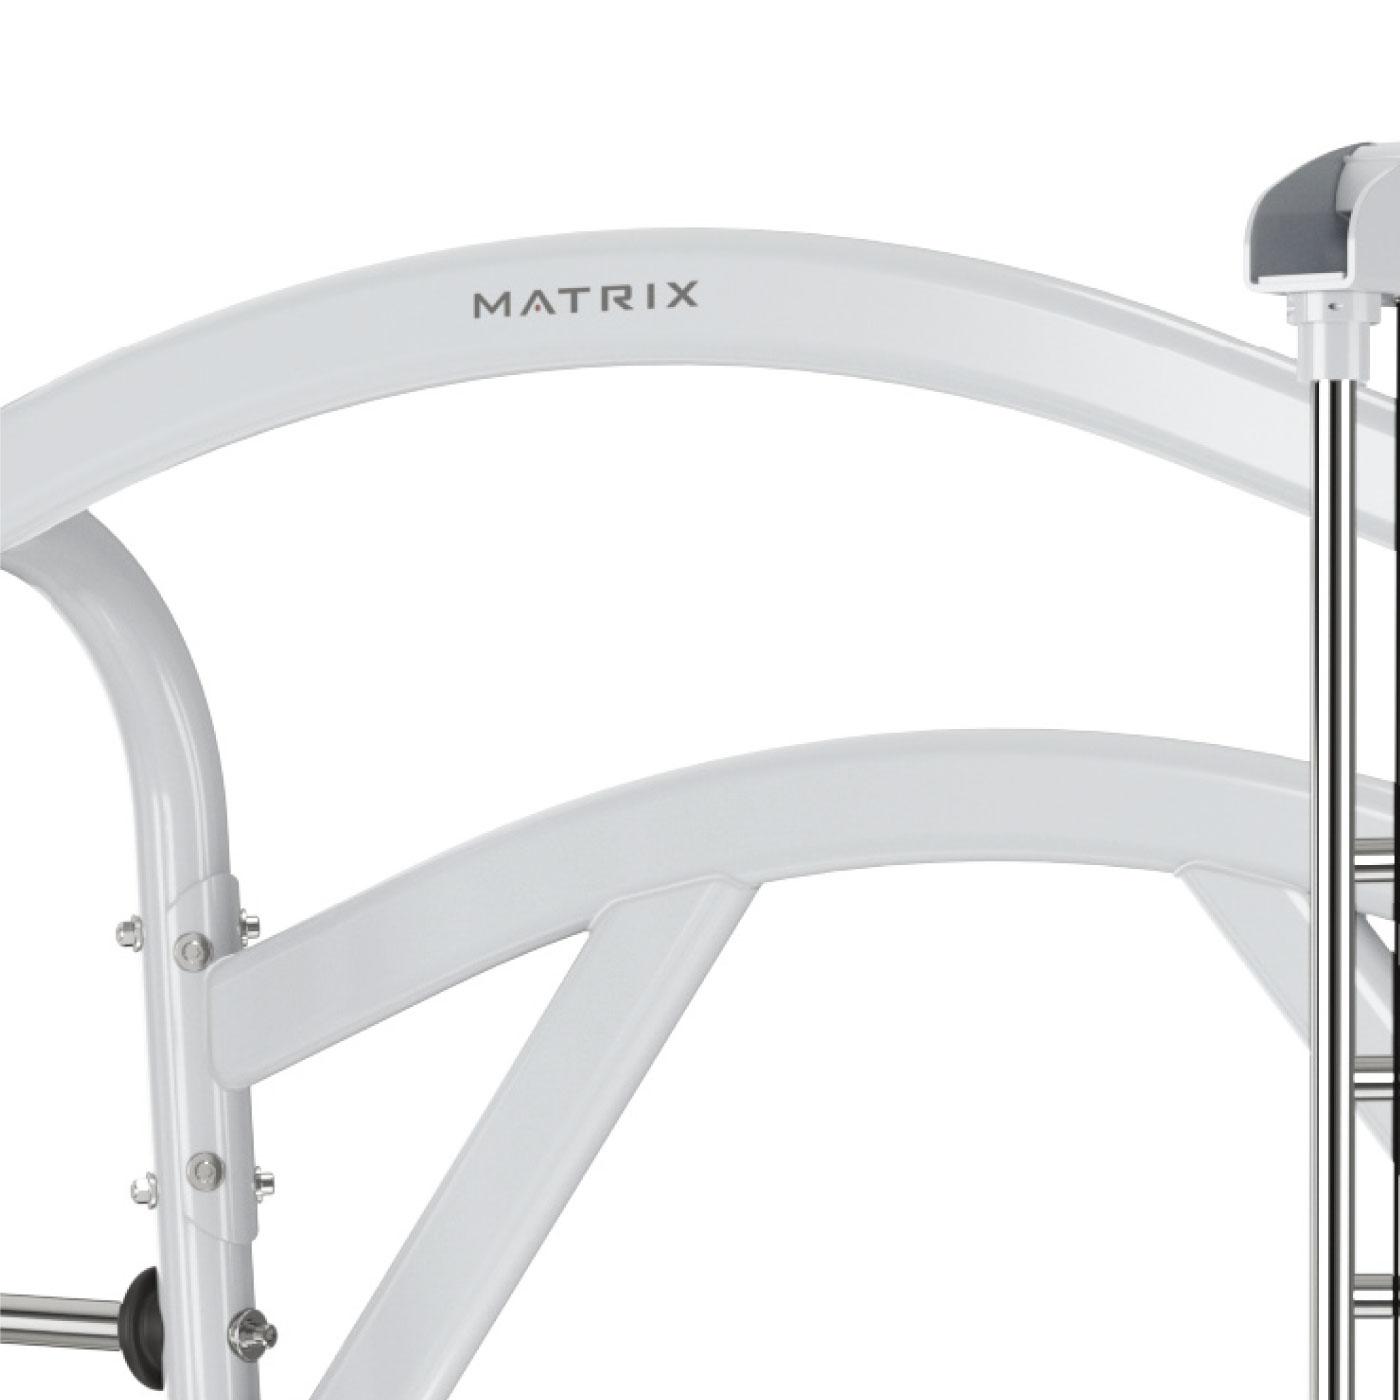 MG-PL62(スミスマシン)〈MAGNUMシリーズ〉/業務用ストレングスマシン〈業務用MATRIX〉《ジョンソンヘルステック》